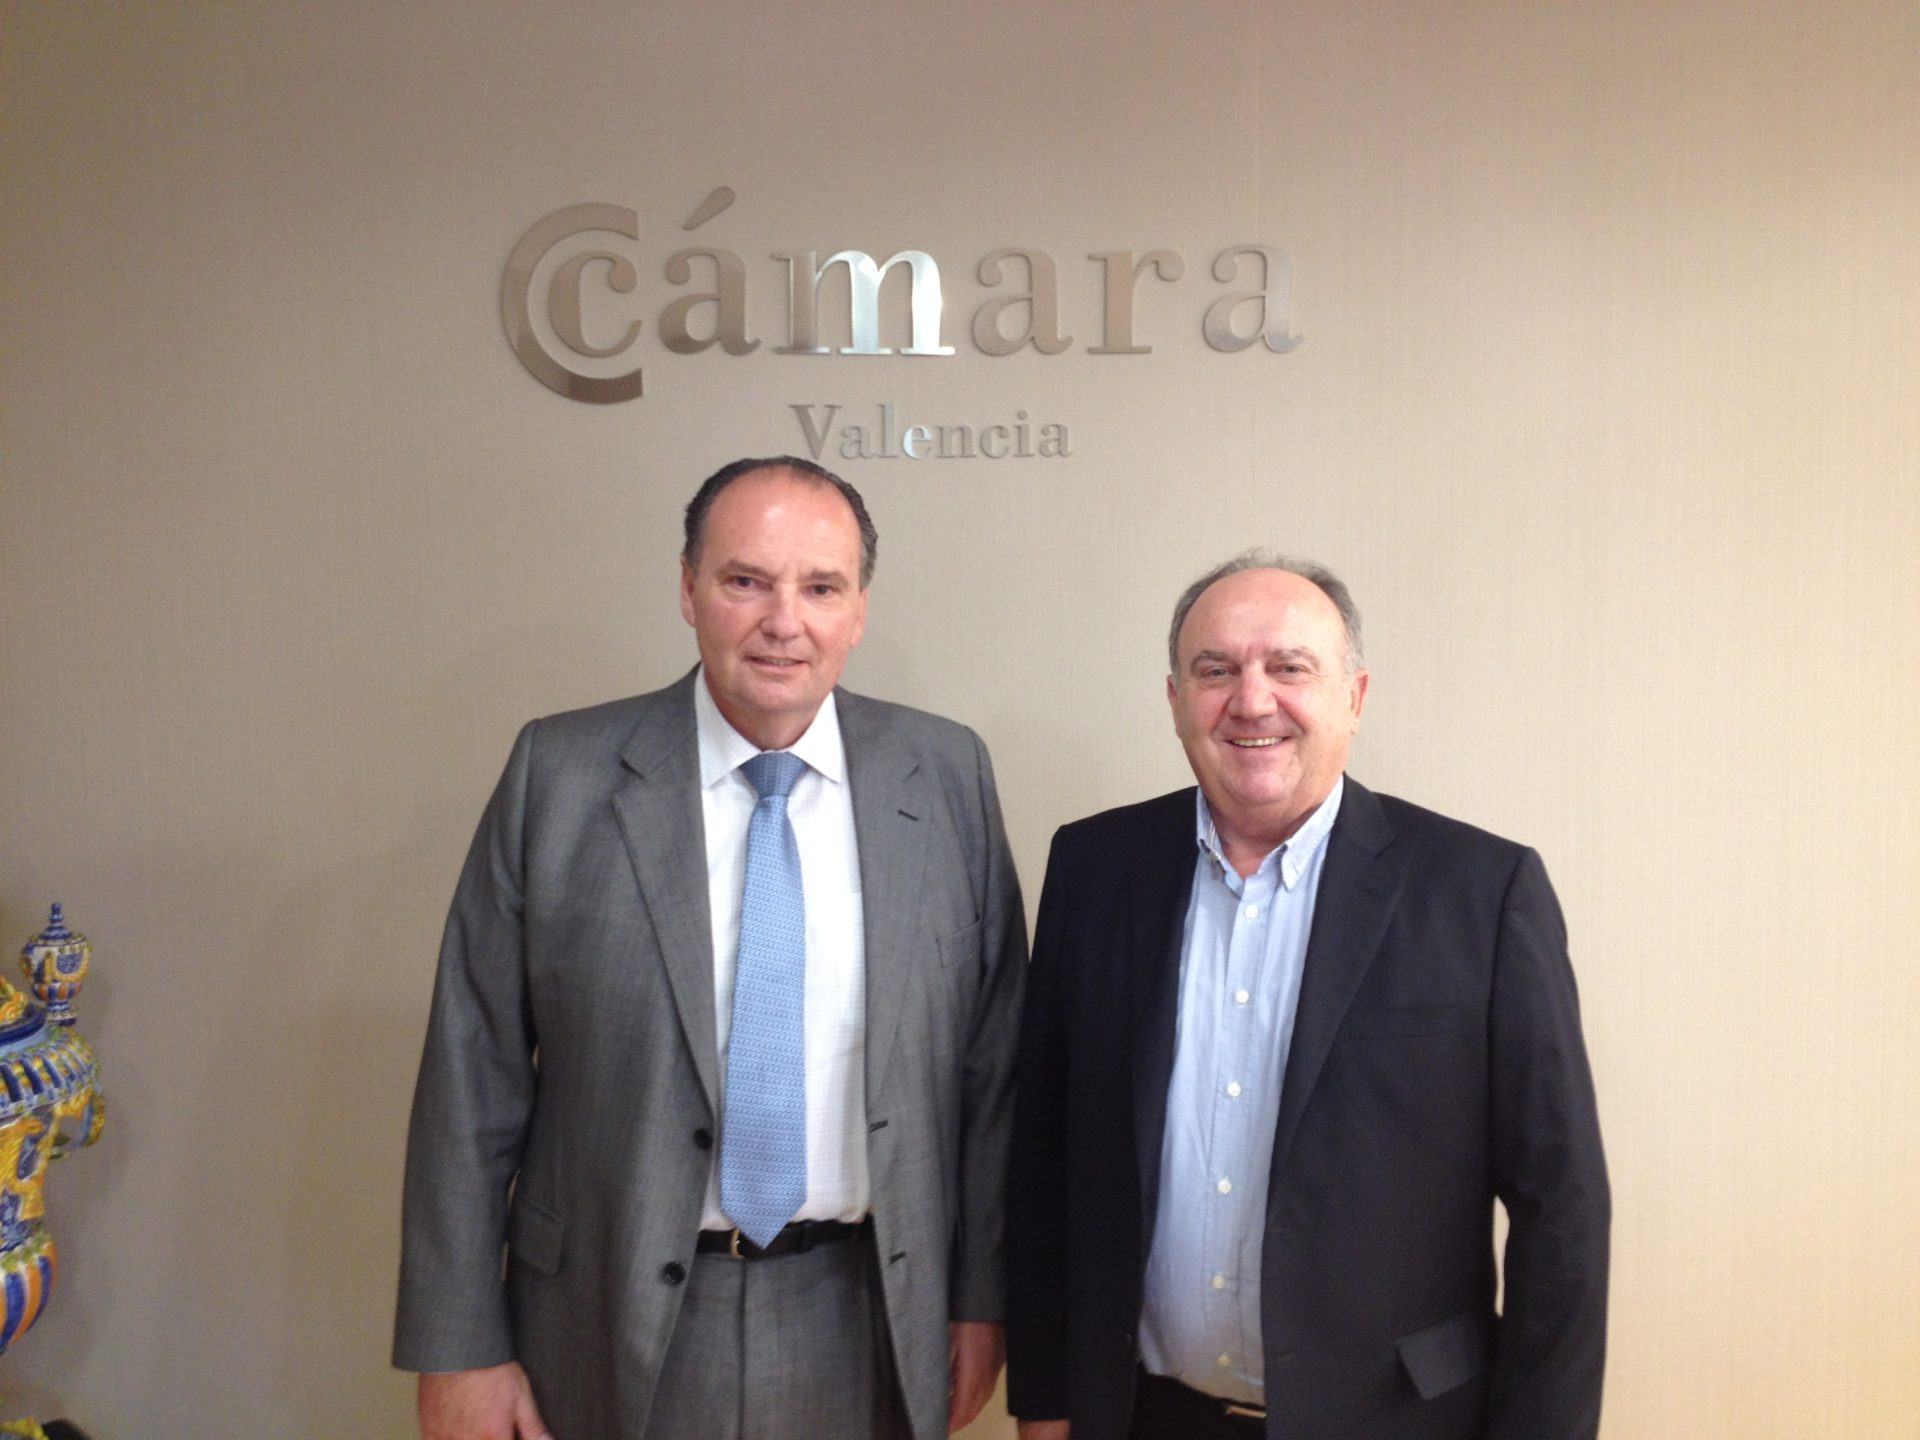 Santiago Salvador, presidente de FEPEVAL, se reúne con el presidente de las Cámaras de Comercio de la Comunitat Valenciana José Vicente Morata.